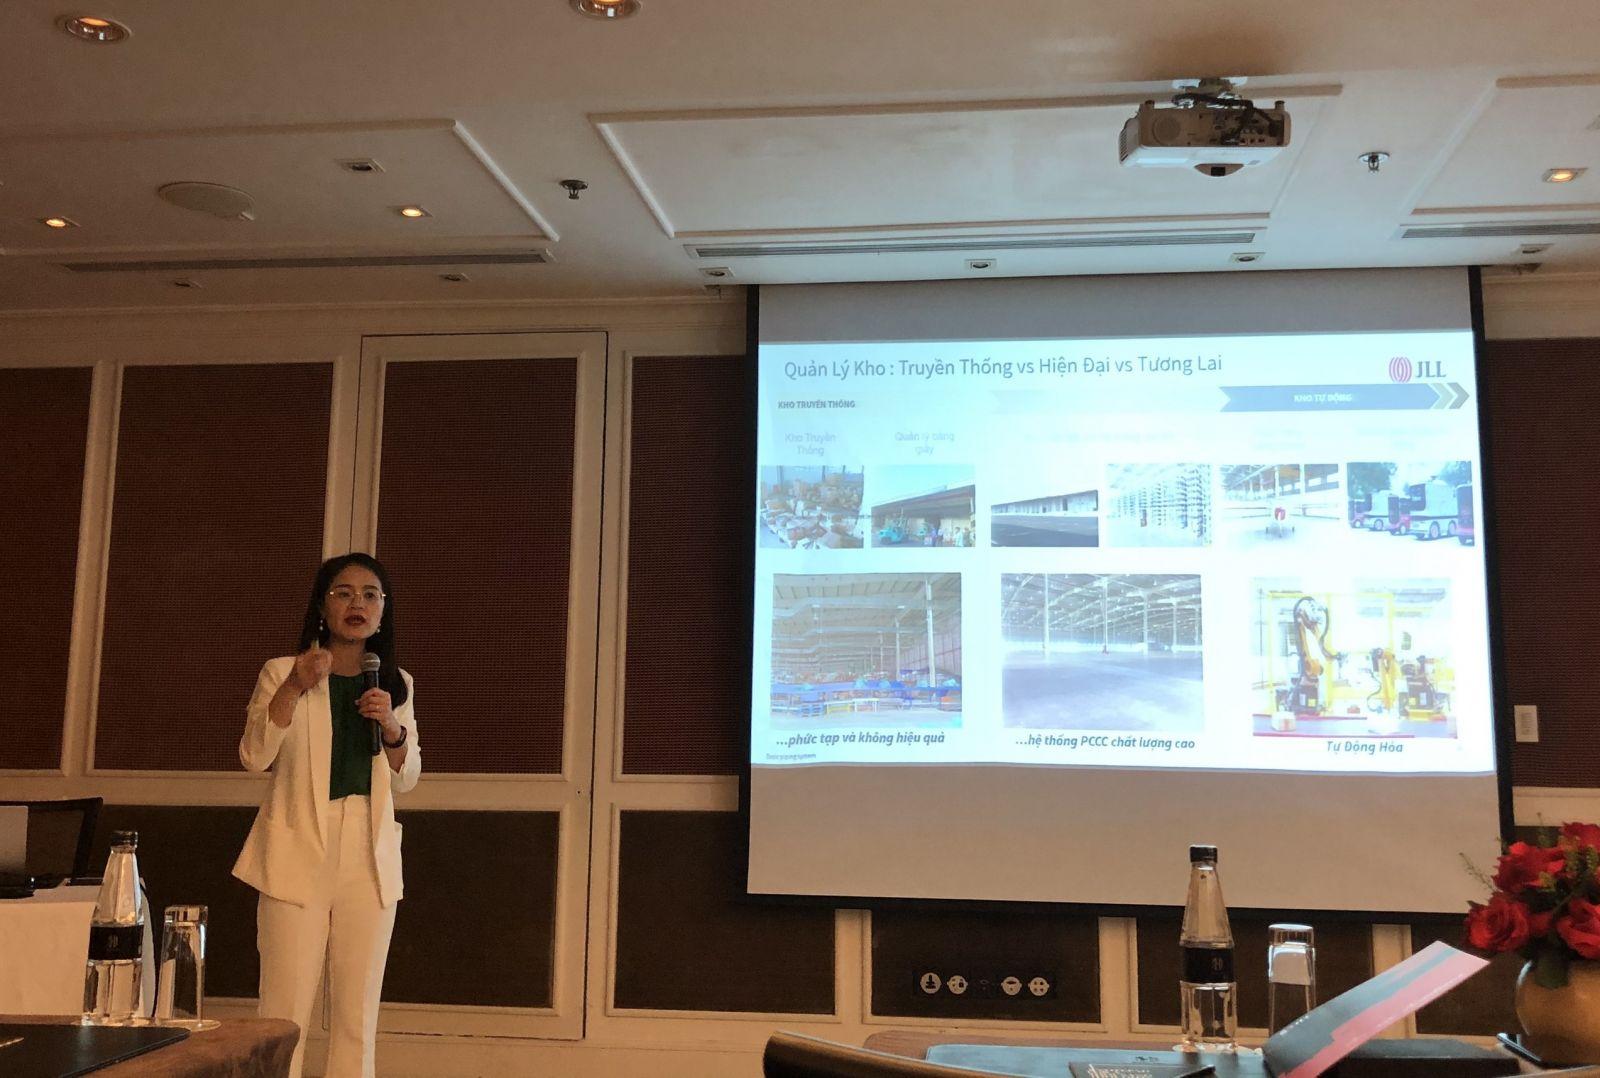 Bà Nguyễn Hồng Vân, Giám đốc JLL Hà Nội chia sẻ tại họp báo quý I/2021